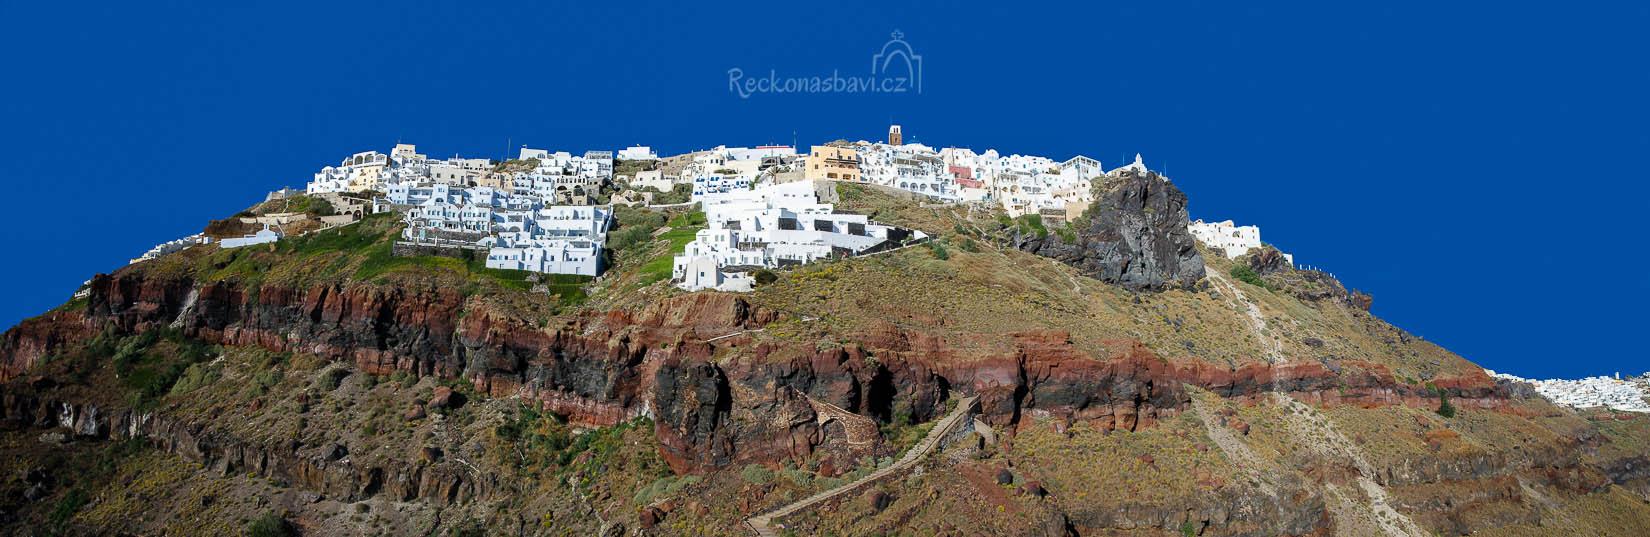 panoramatický pohled na Imerovigli ze Skarosu... bílá vesnice přilepená na hraně kaldery